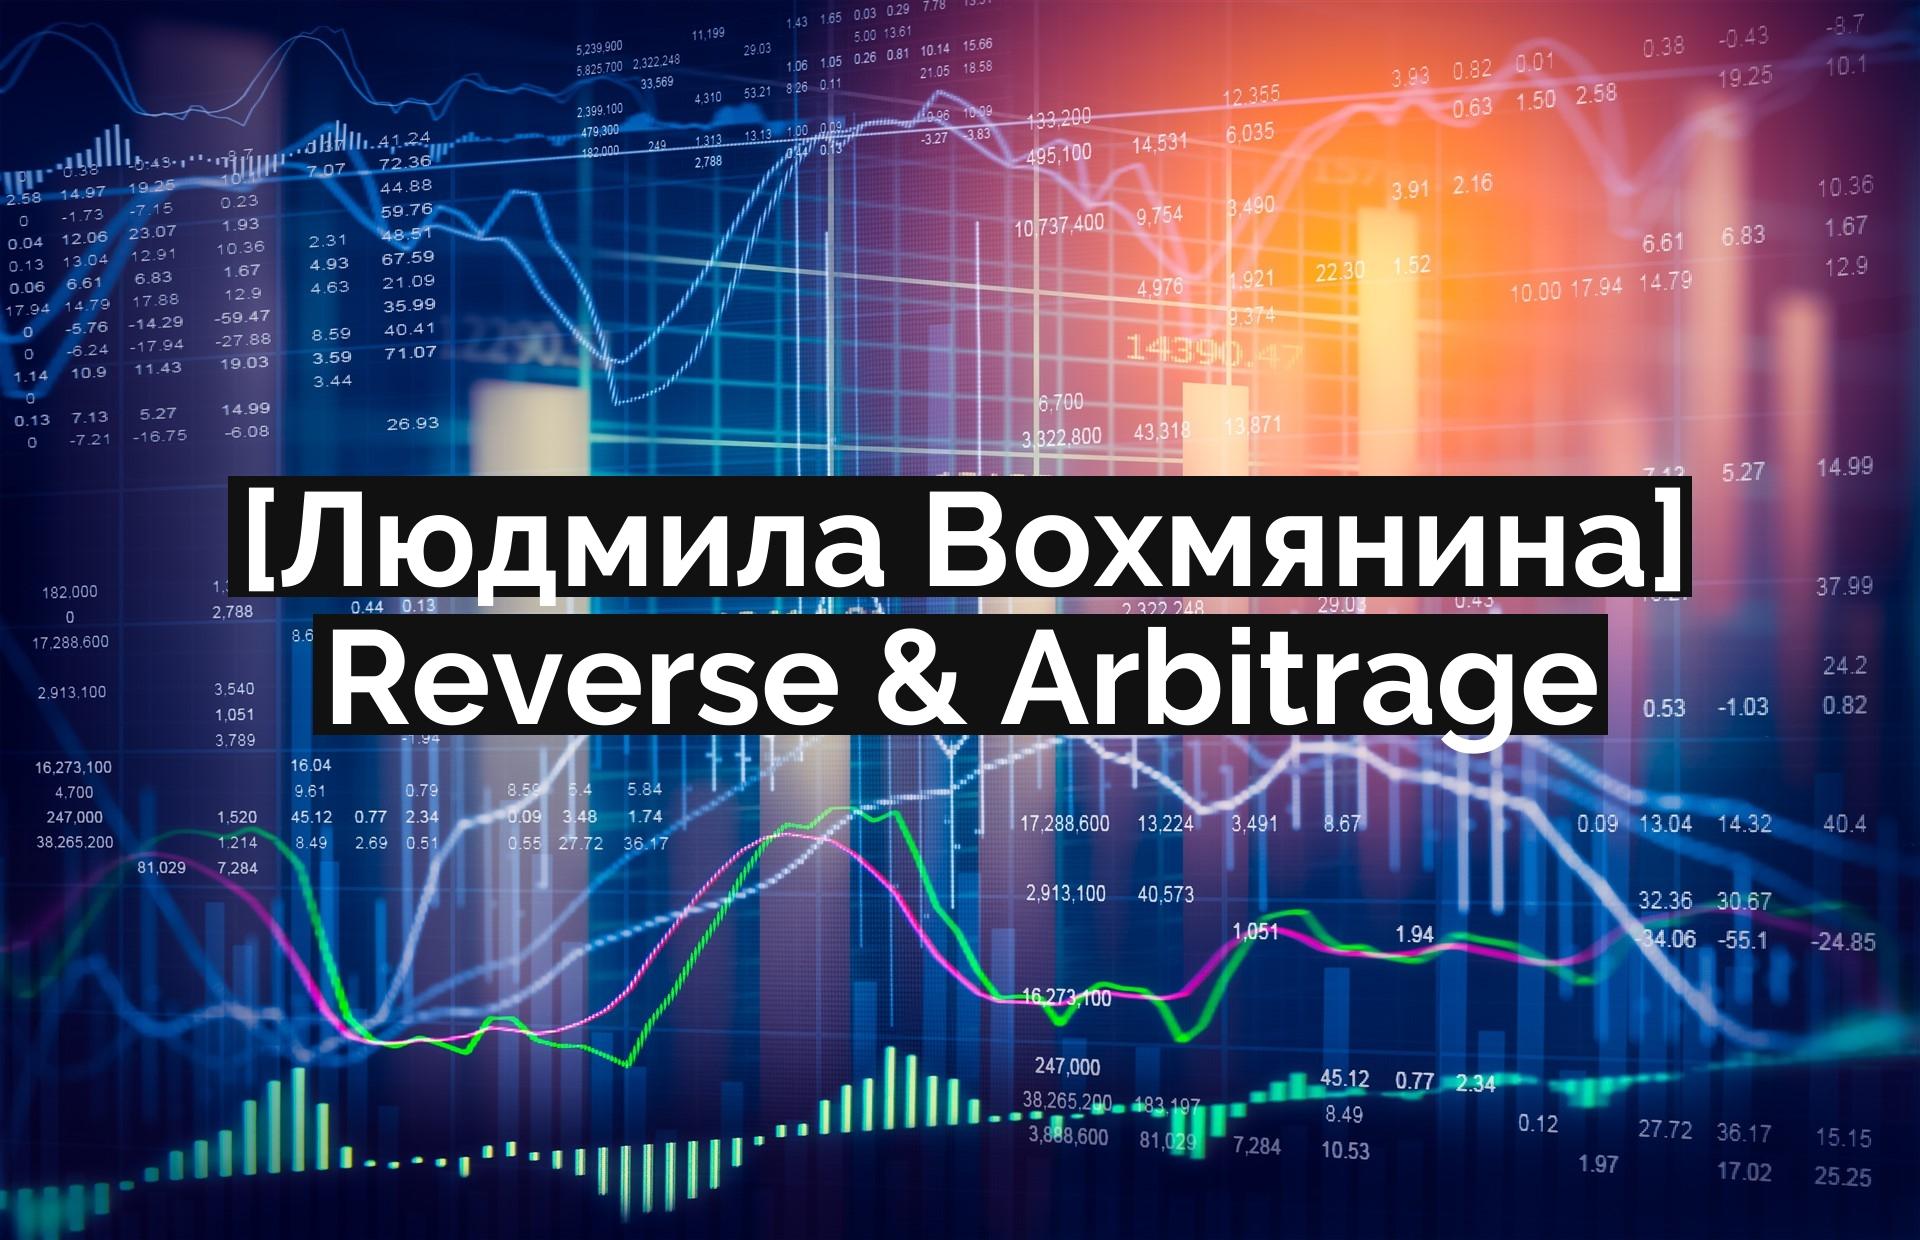 [Людмила Вохмянина] Reverse & Arbitrage